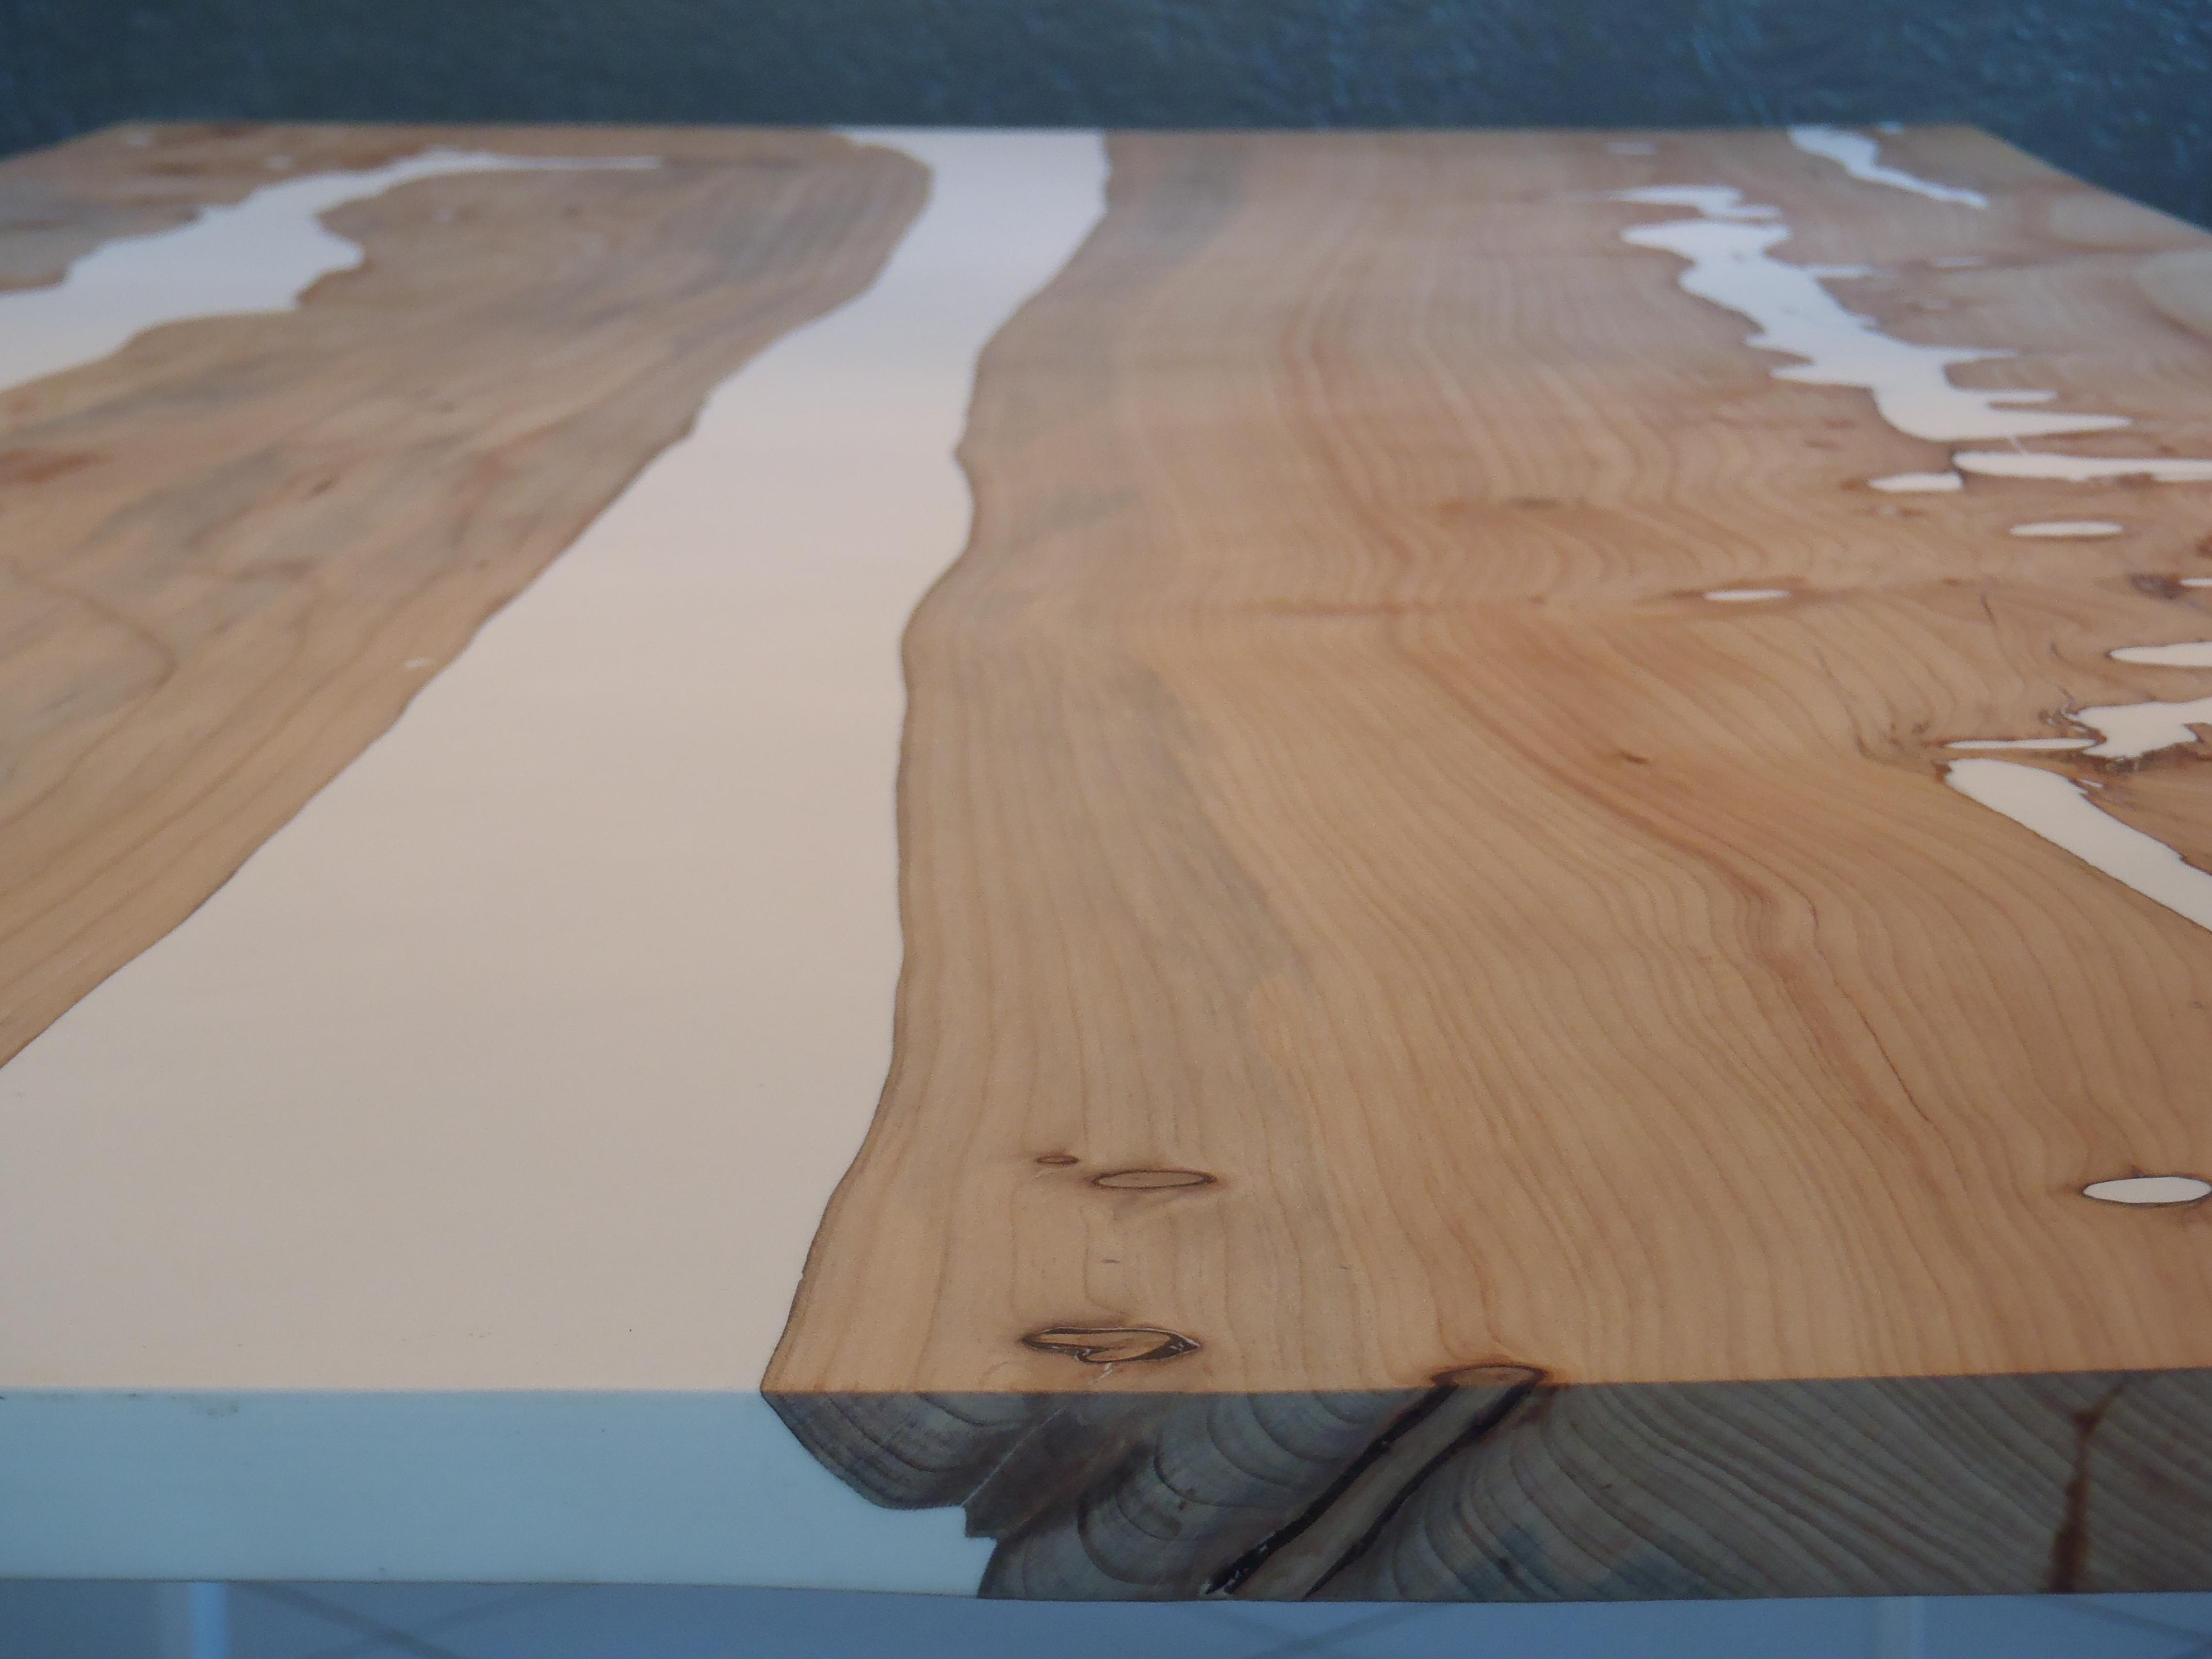 Table À Manger Bois/Résine White River - Boutique Penone pour Table Bois Resine